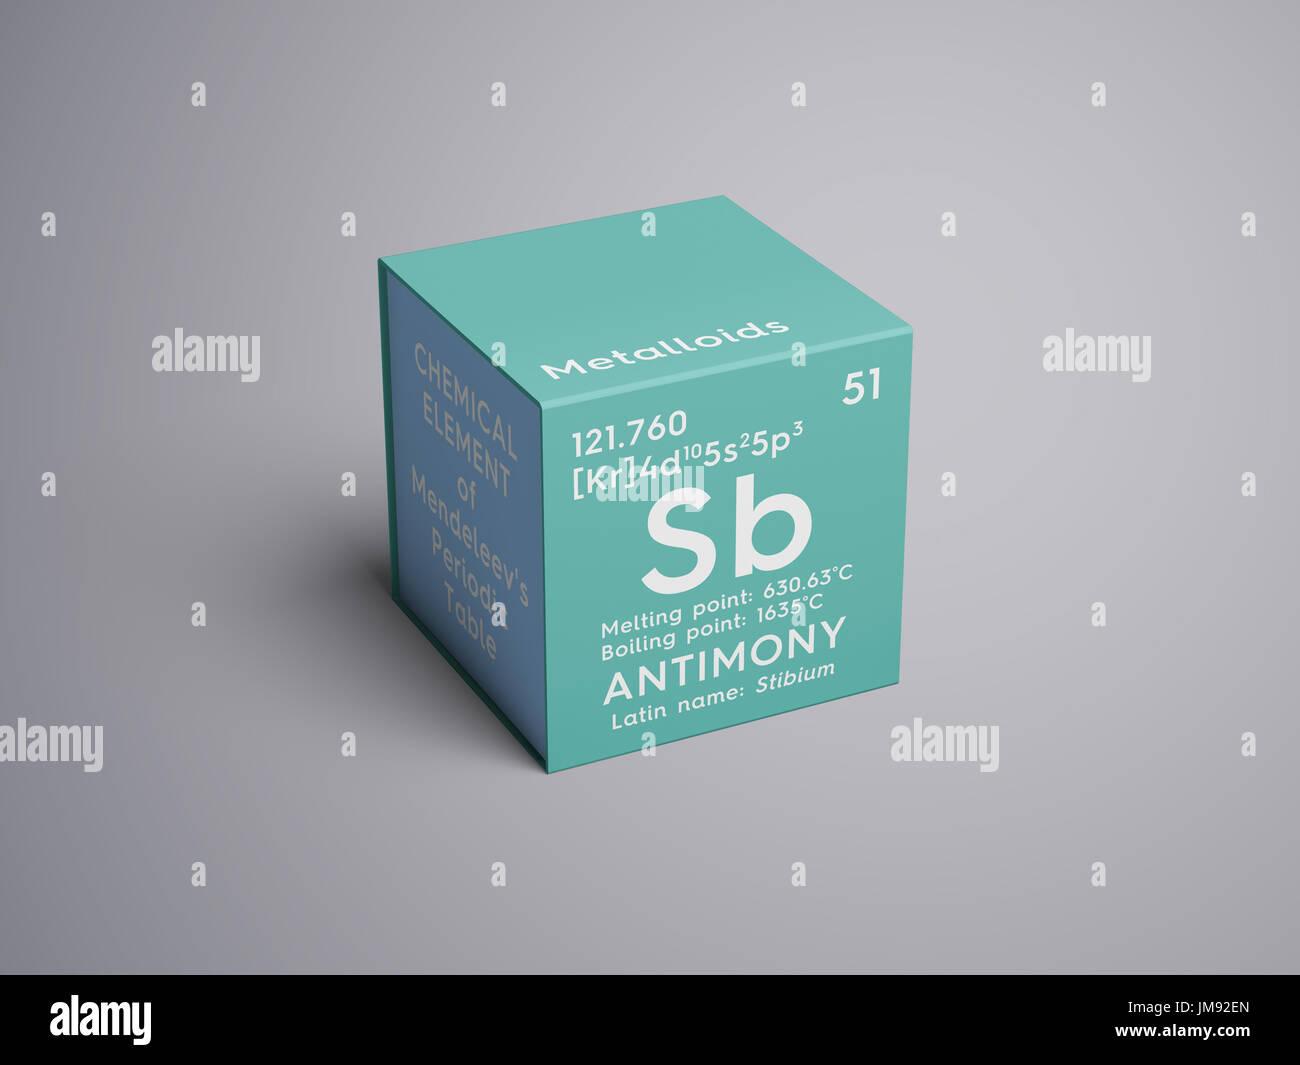 El antimonio stibium los metaloides elemento qumico de la los metaloides elemento qumico de la tabla peridica de mendeleyev antimonio en square cube concepto creativo urtaz Image collections